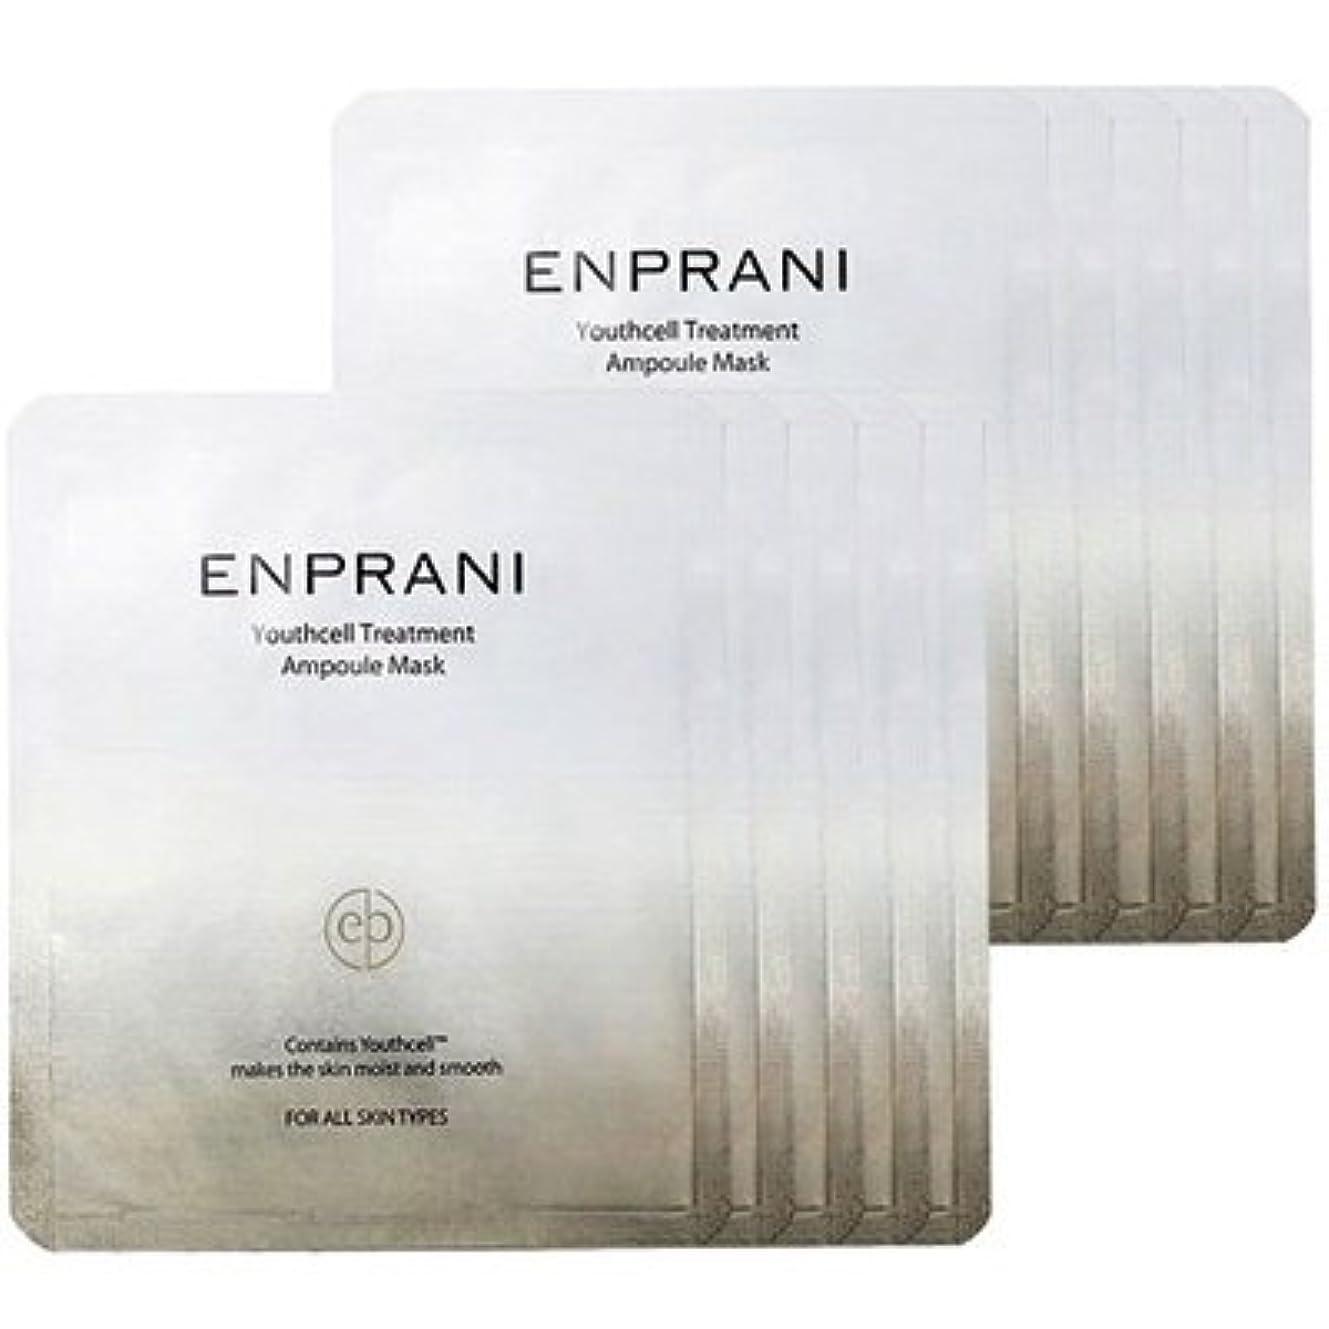 肺炎求人移動する[30枚][エンプラニ]ENPRANI[ユースセル トリートメント アンプル マスクパック (30枚)](Youthcell Treatment Ampoule Mask 30Sheets) [並行輸入品]